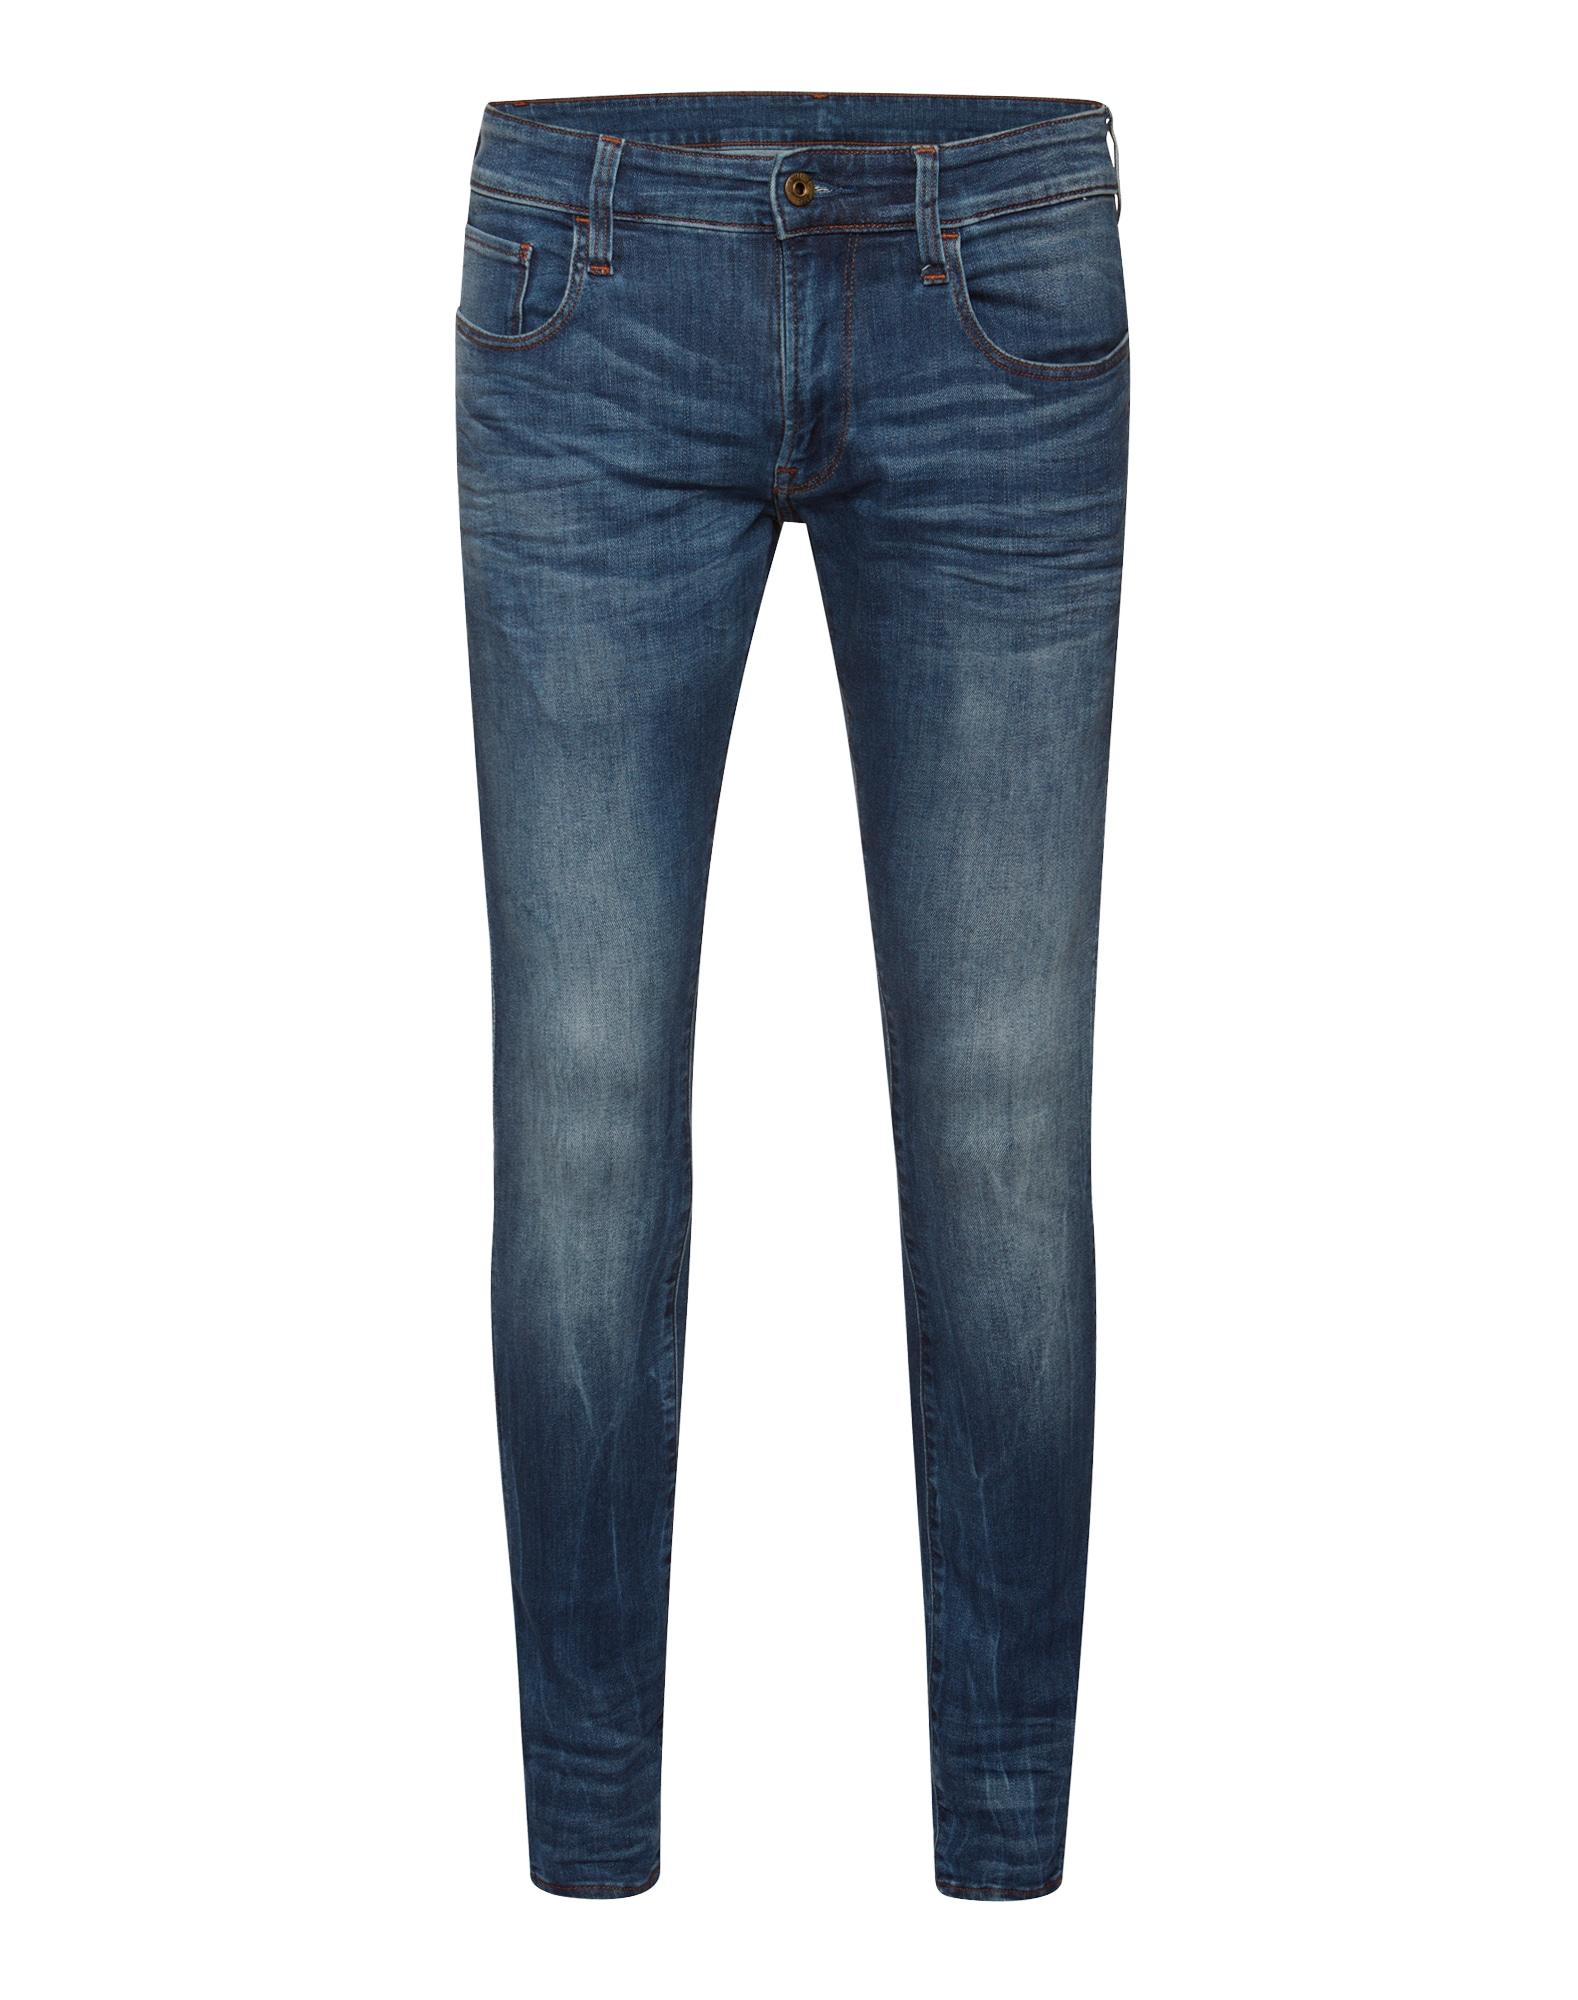 G-STAR RAW Heren Jeans 3301 Deconstructed Super Slim blauw denim